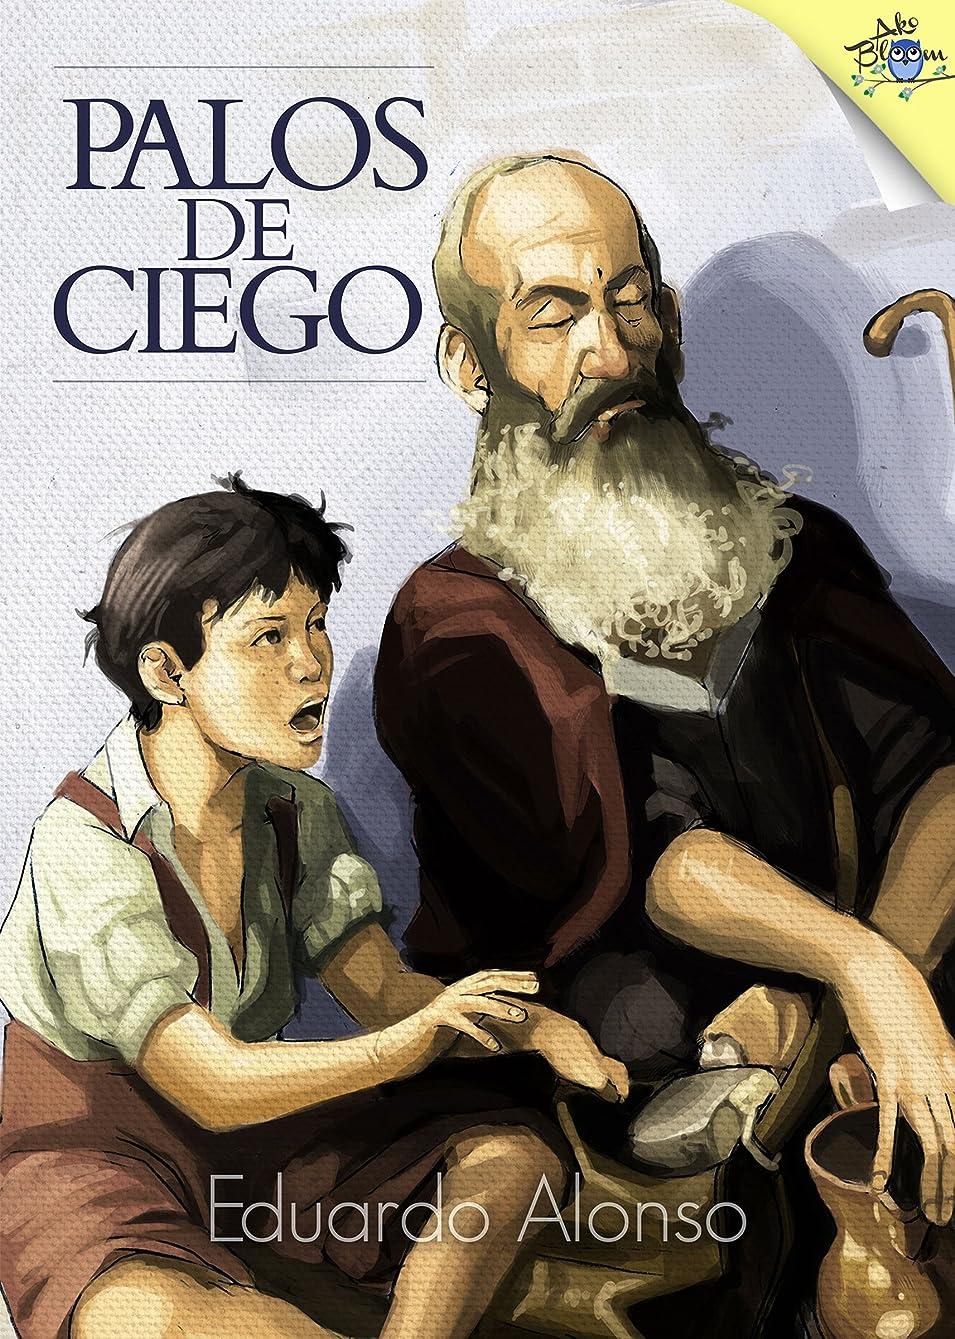 Palos de ciego (Spanish Edition)